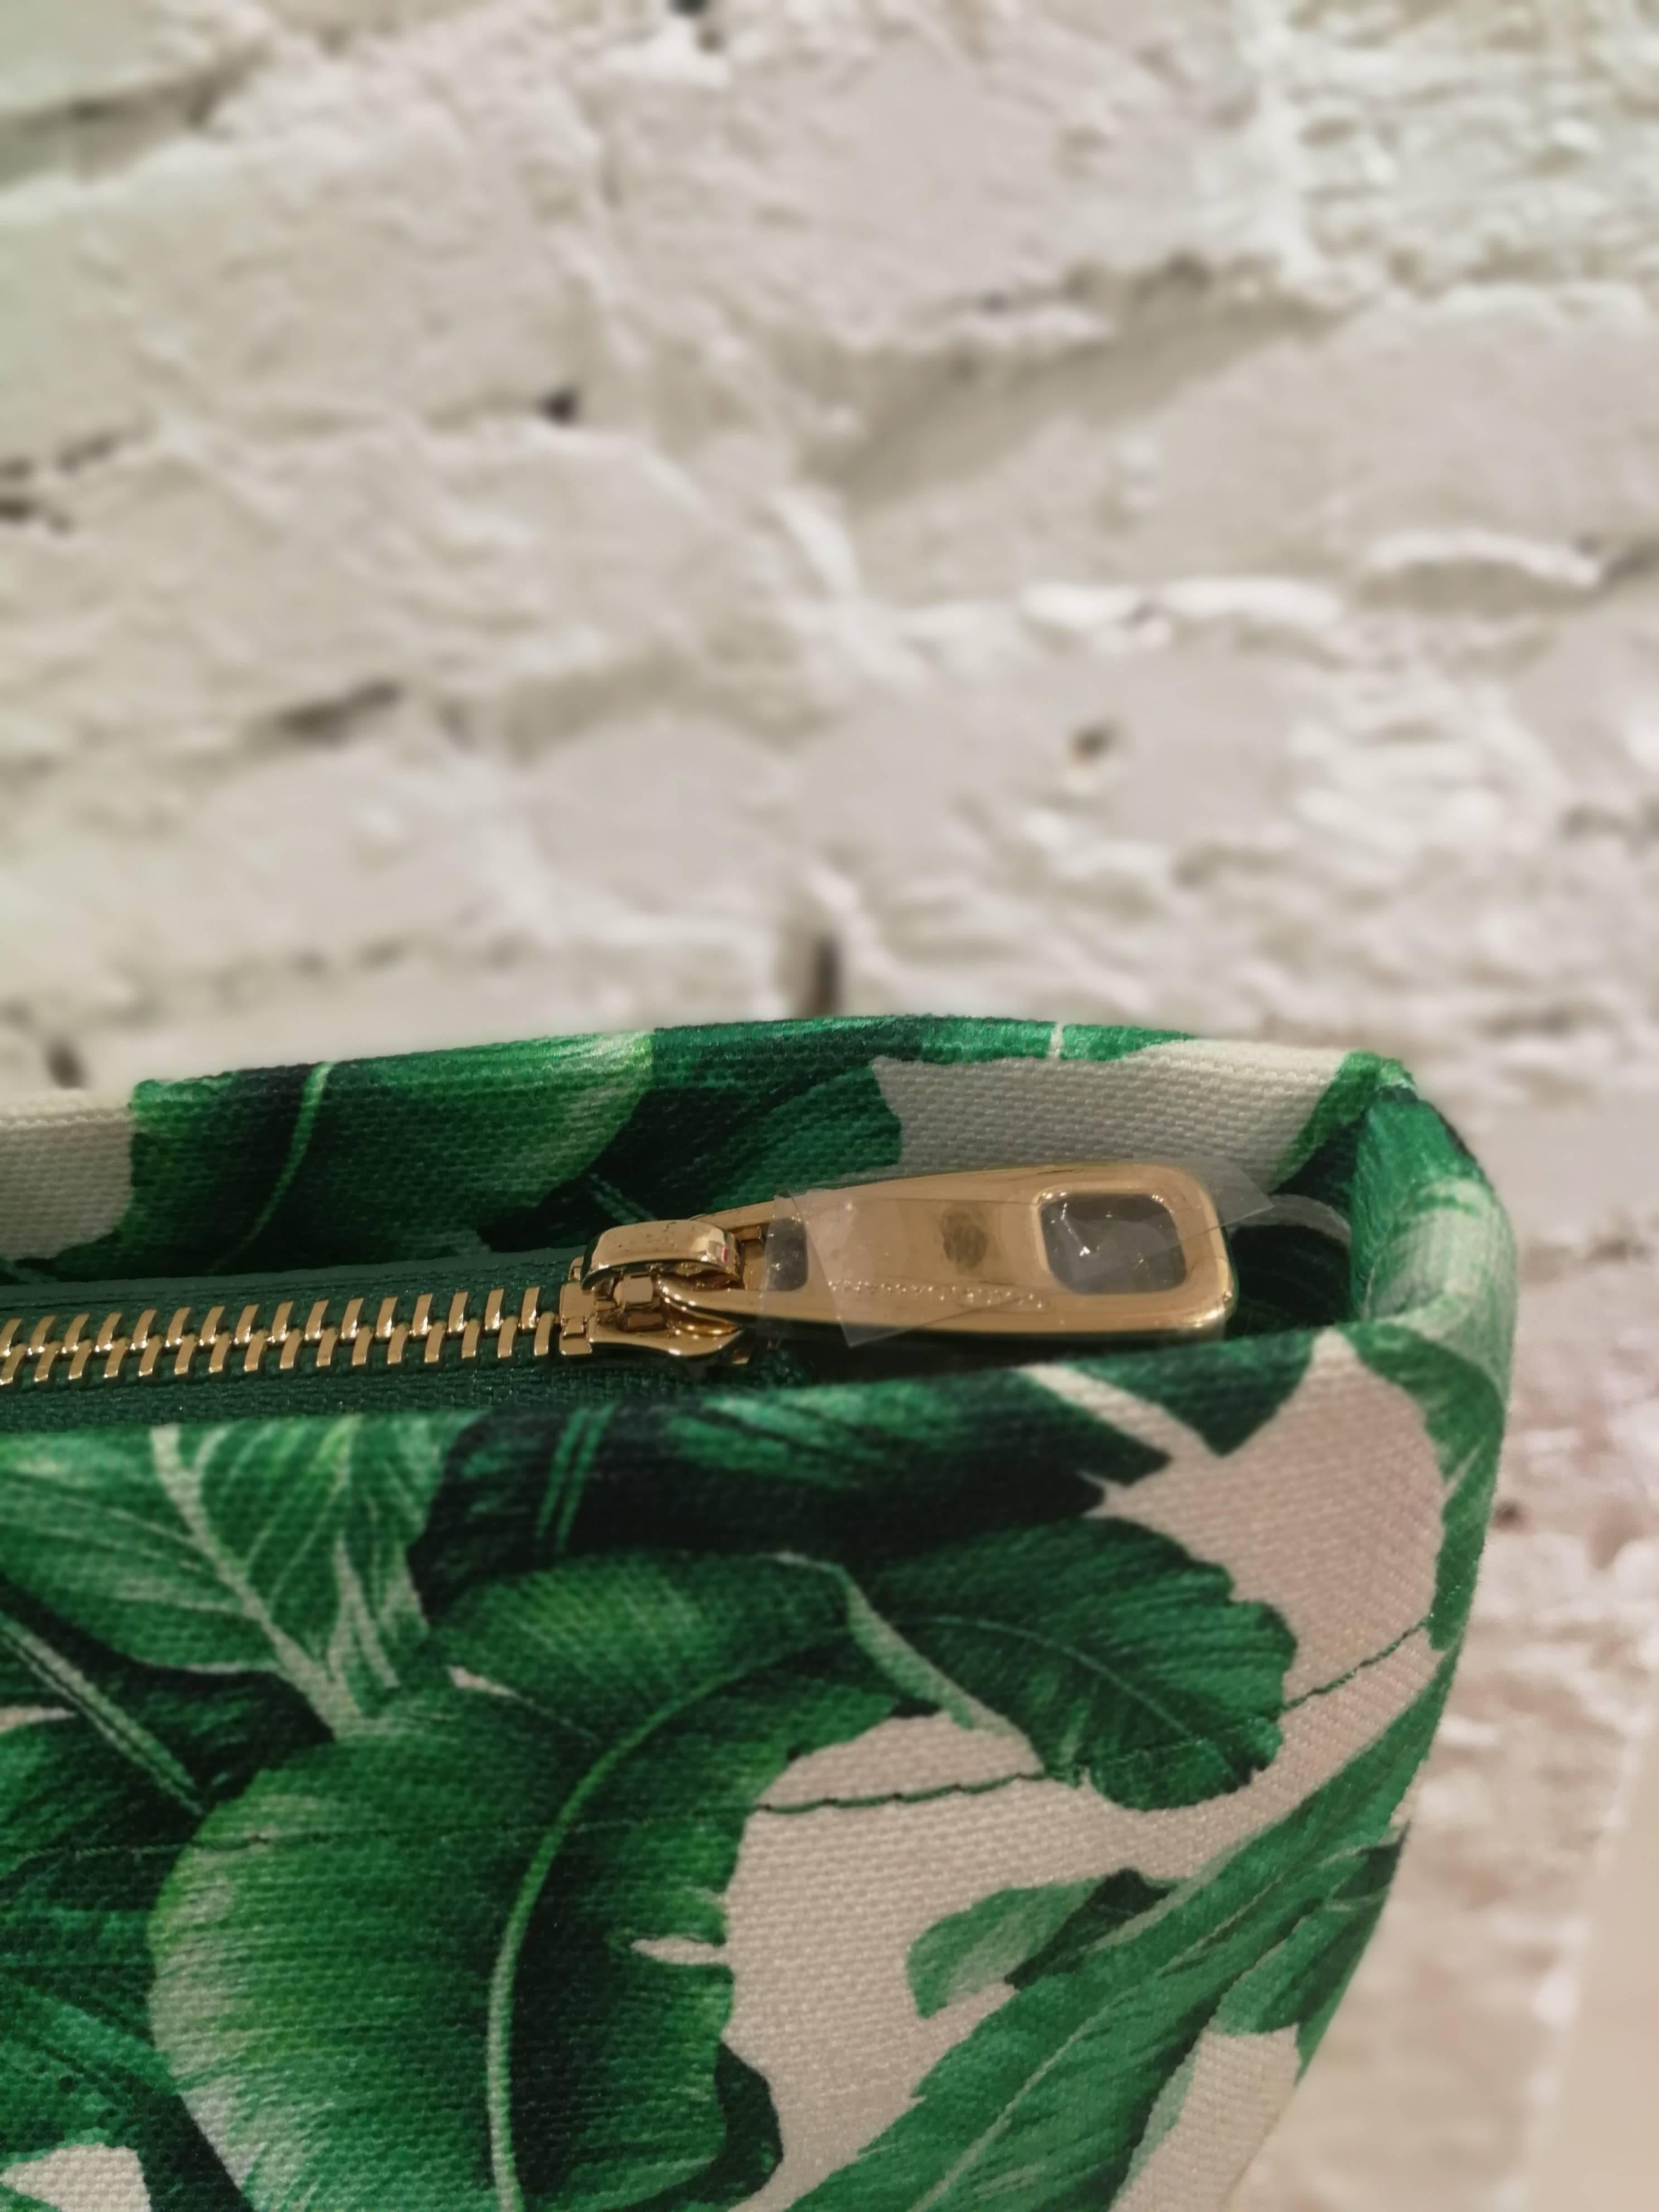 Dolce & Gabbana Shopping Banano Bag Nwot 9XT1S9